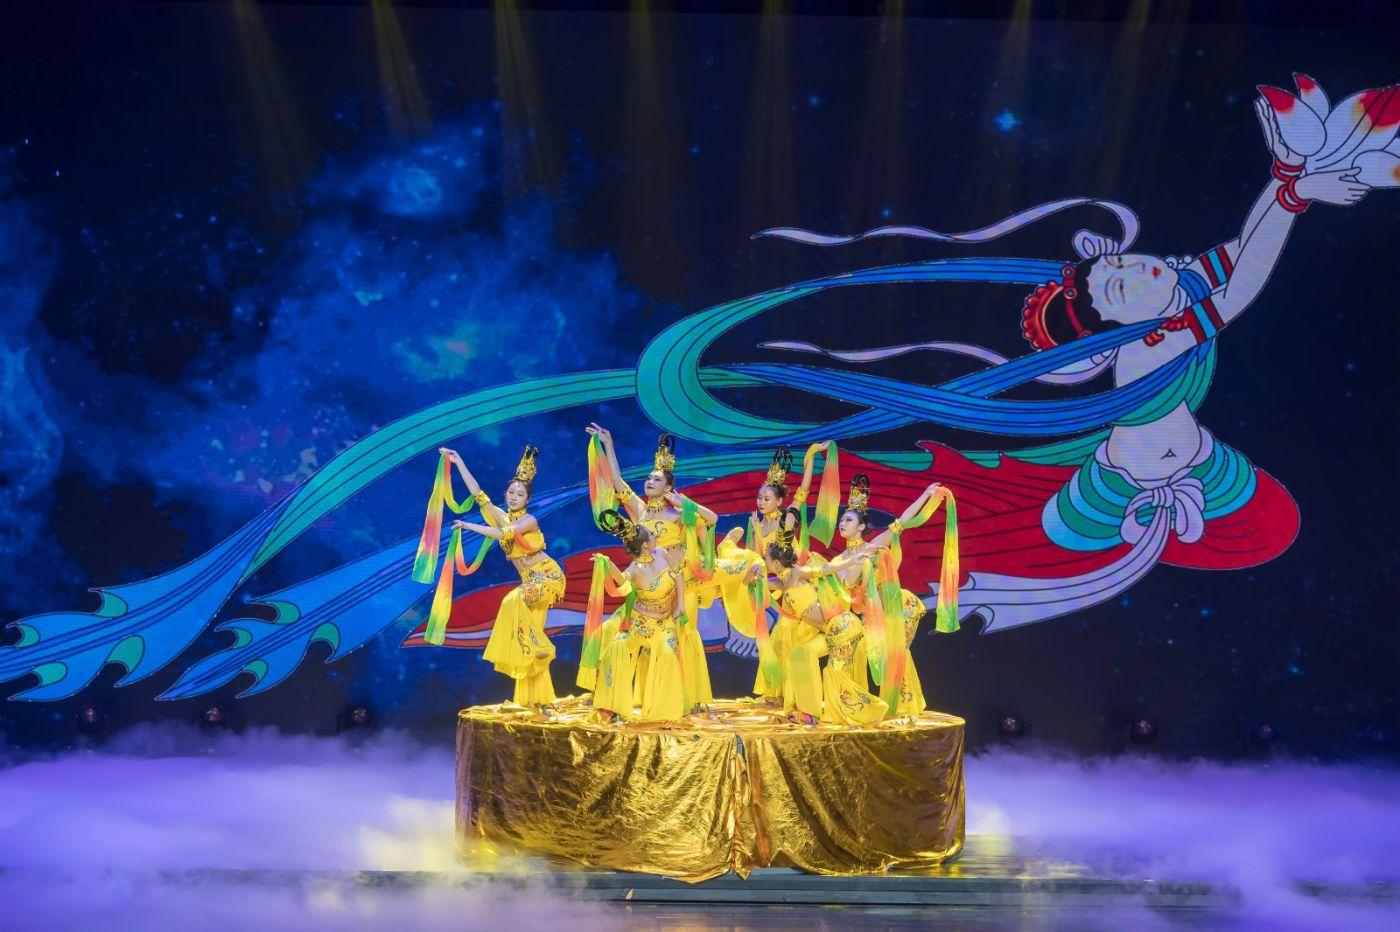 沂蒙大地上 有一种舞蹈叫飞天 这是几位临沂女孩的杰作 美轮美奂 ..._图1-64